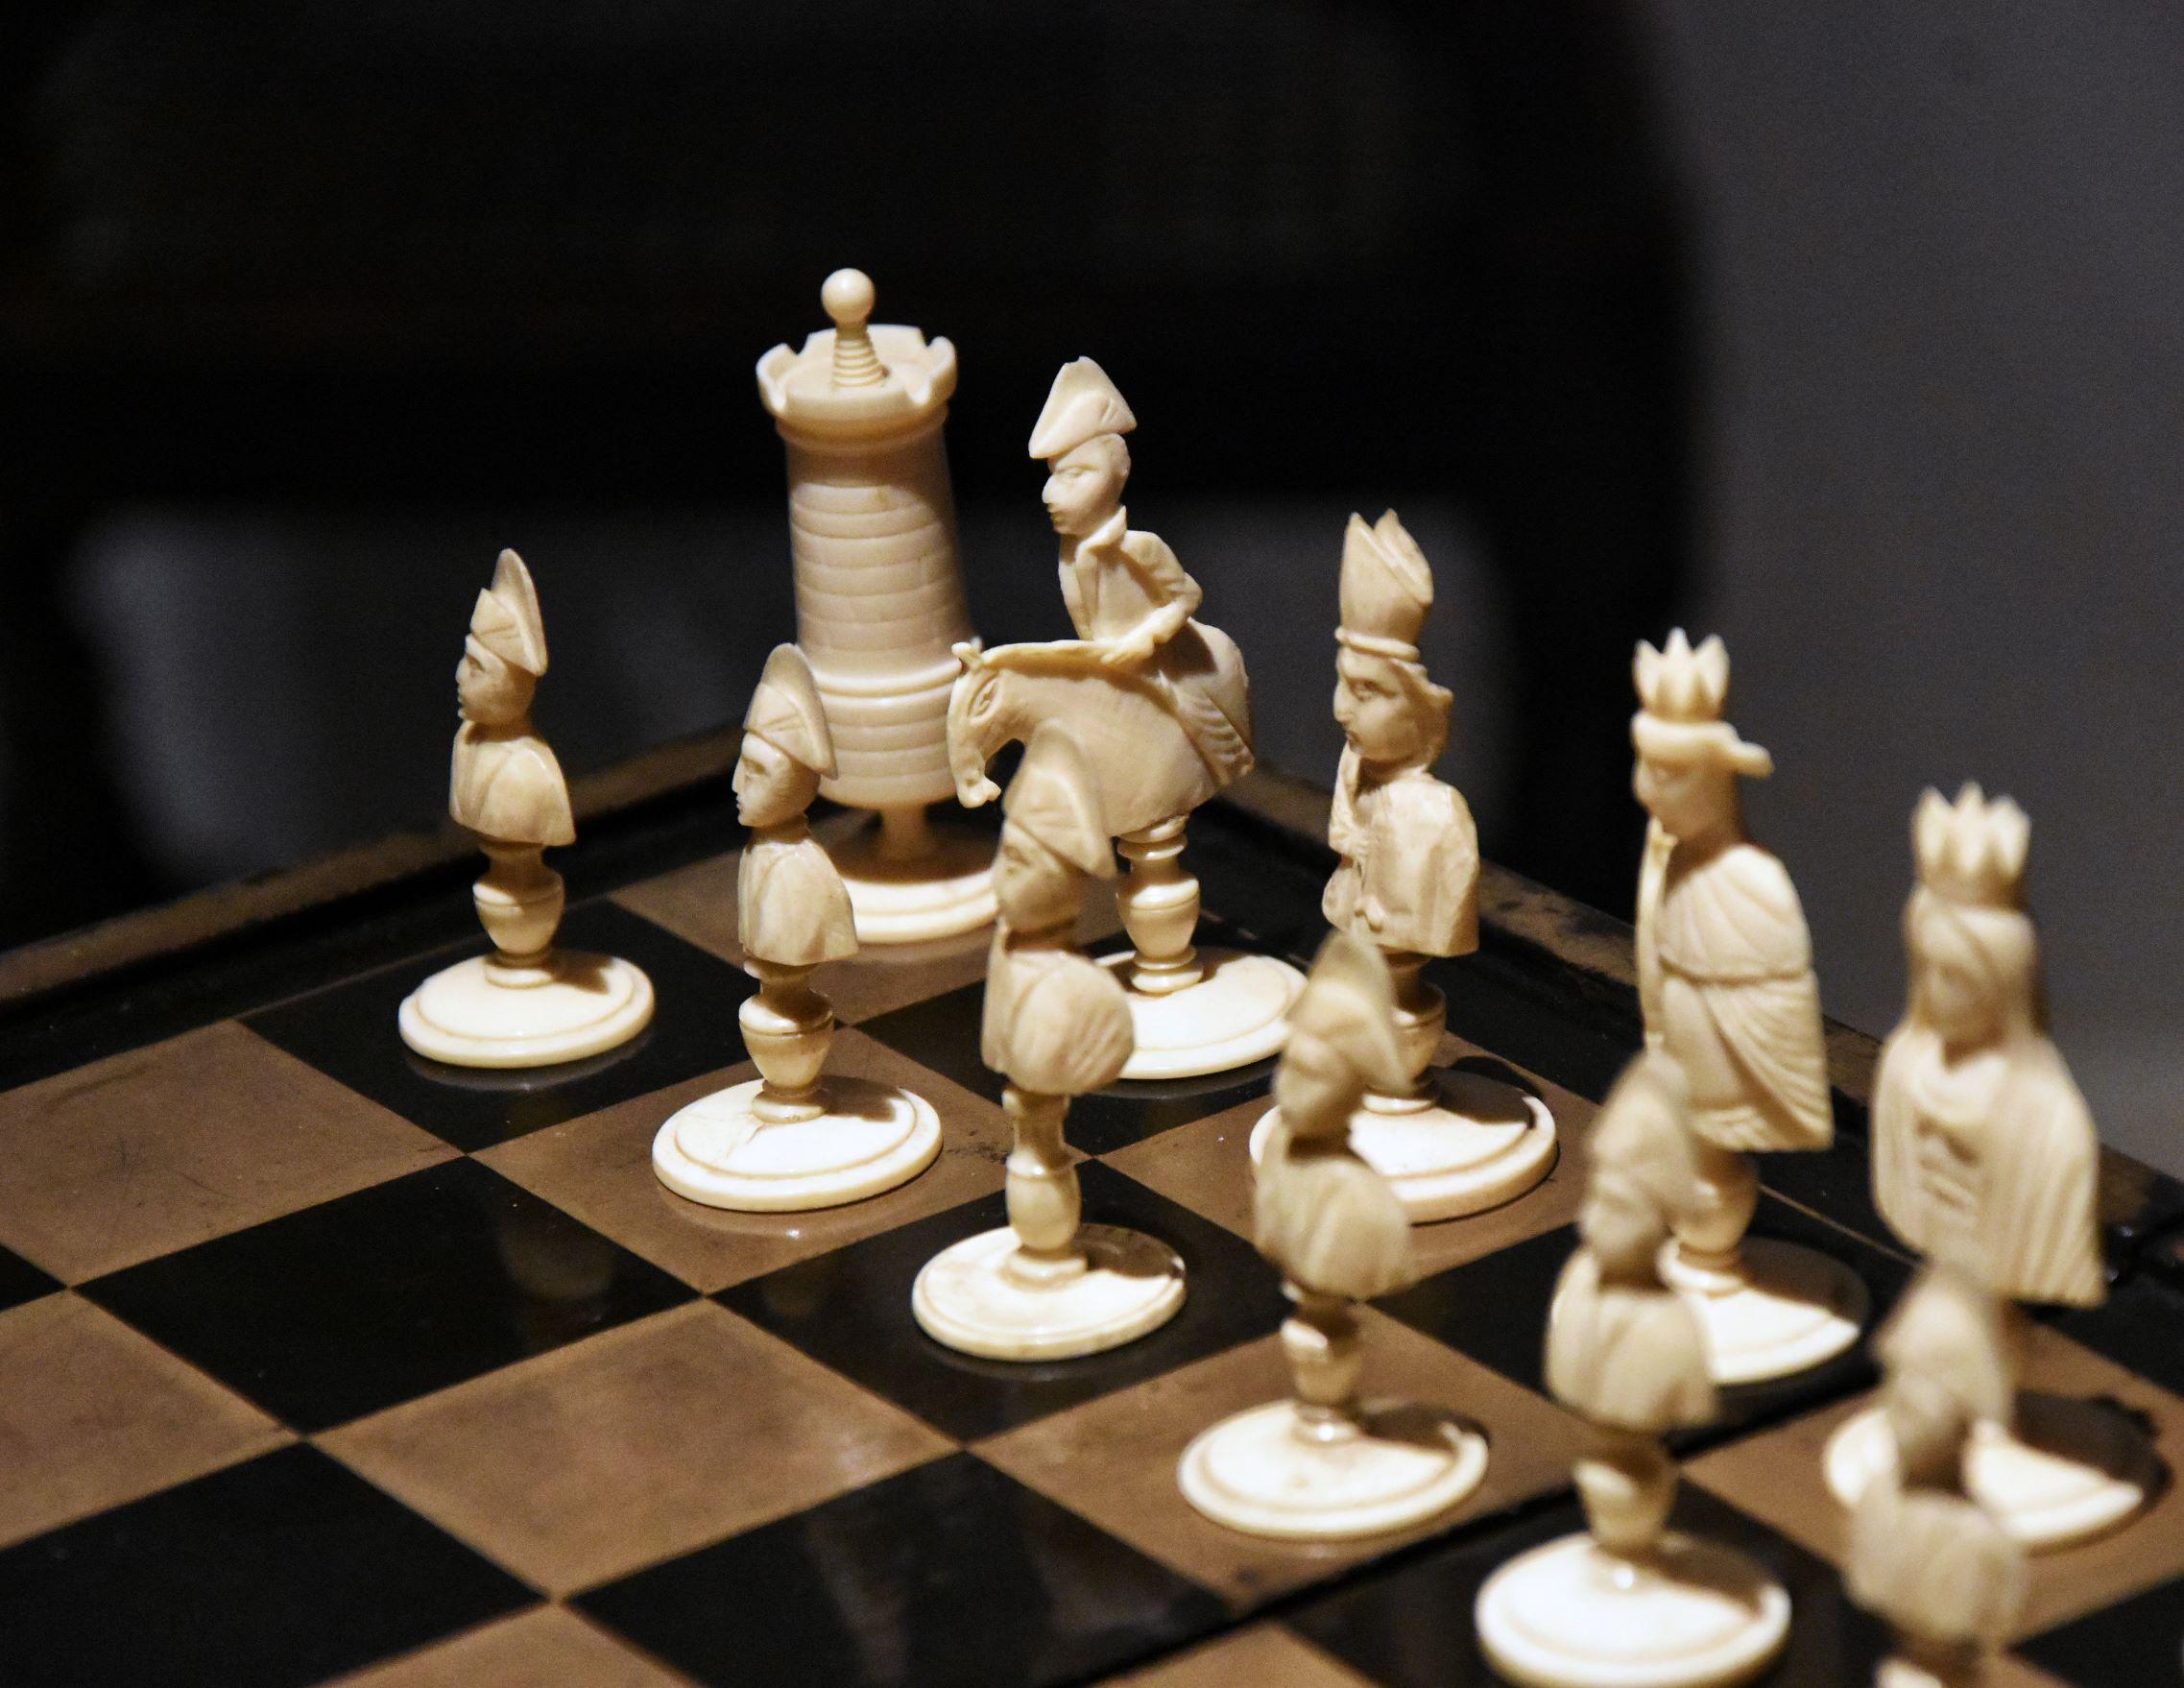 Oggetti di uso quotidiano a Malmaison: scacchiera